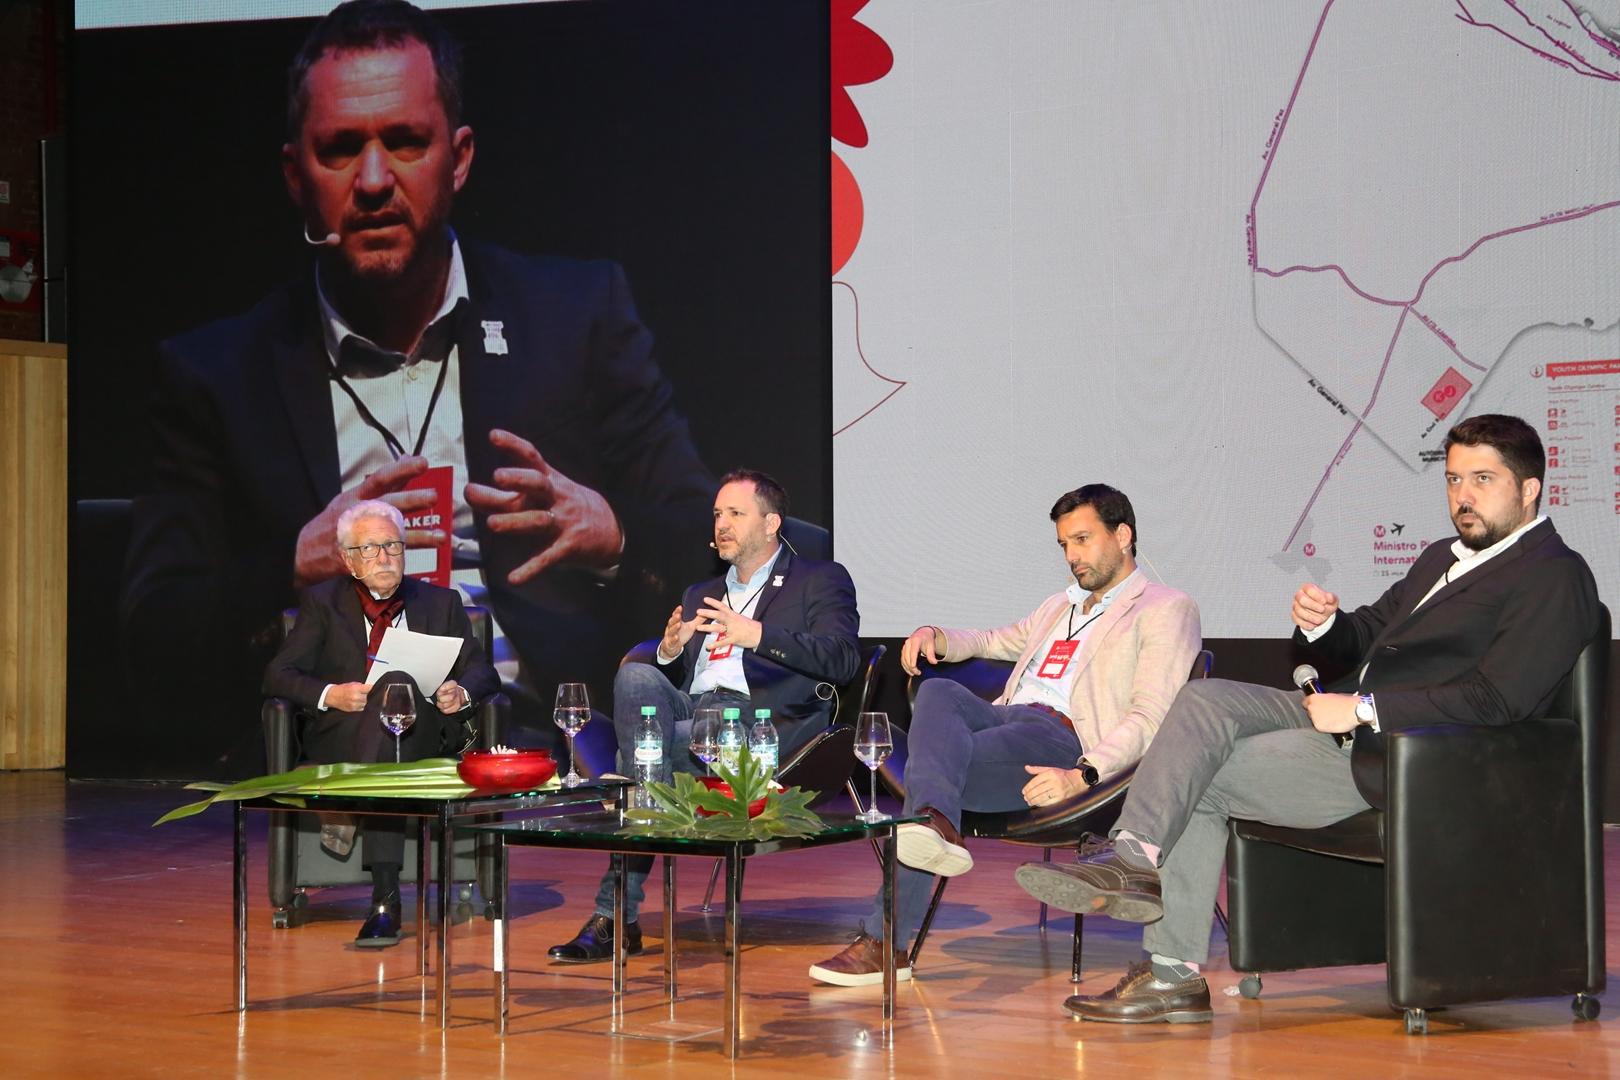 Carlos Sallaberry, Leandro Larrosa, Gustavo Nacimiento y Alvaro García Resta - Futuro e Innovación de las Ciudades (Copy)